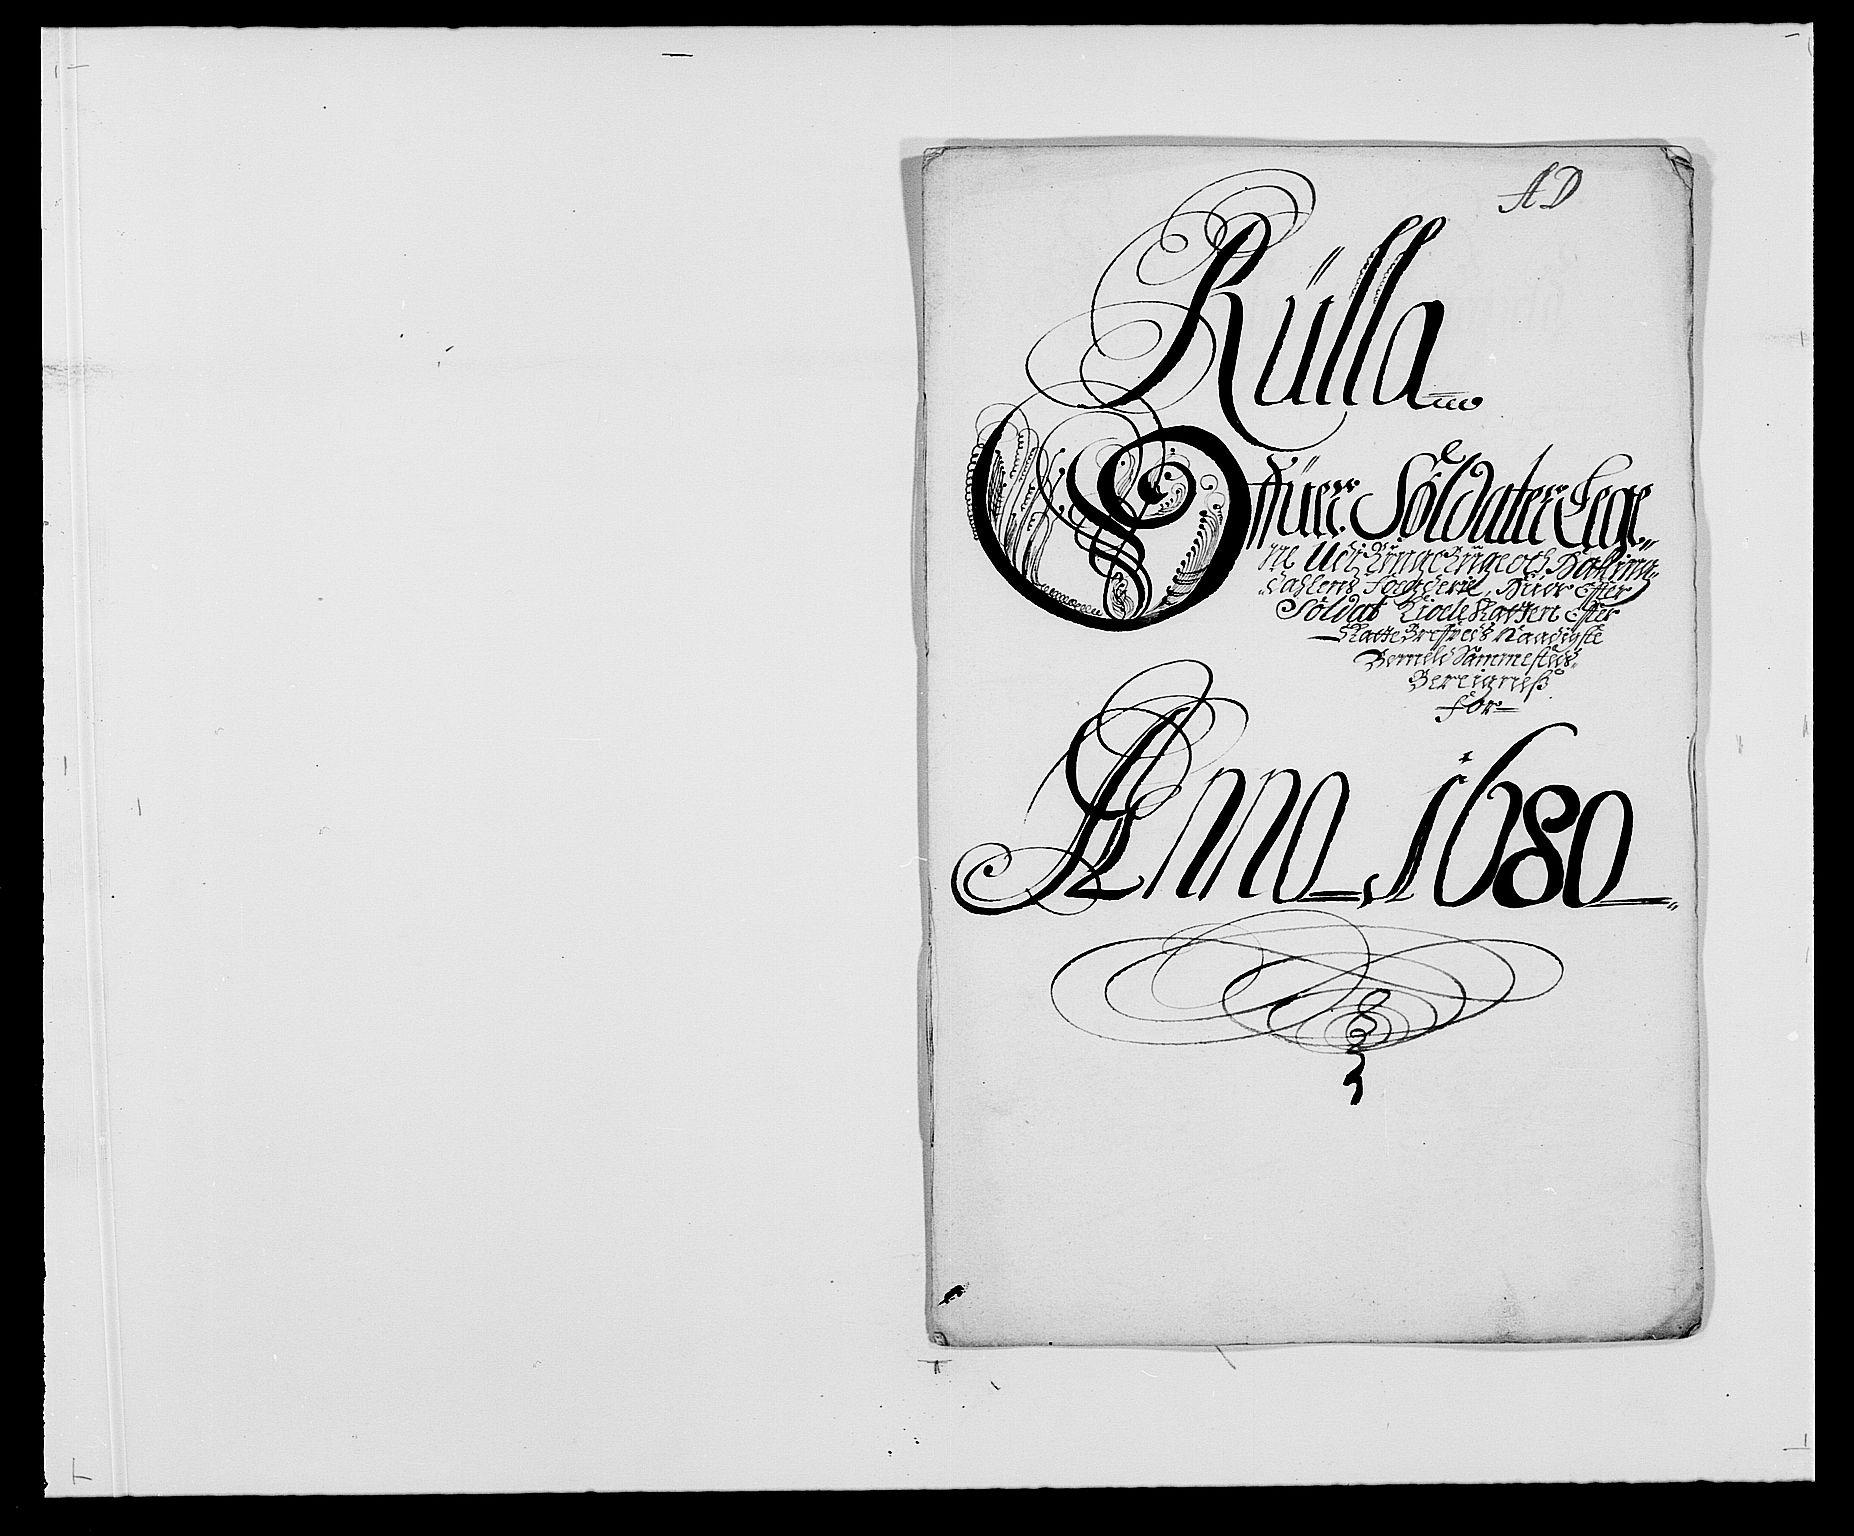 RA, Rentekammeret inntil 1814, Reviderte regnskaper, Fogderegnskap, R21/L1444: Fogderegnskap Ringerike og Hallingdal, 1680-1681, s. 106